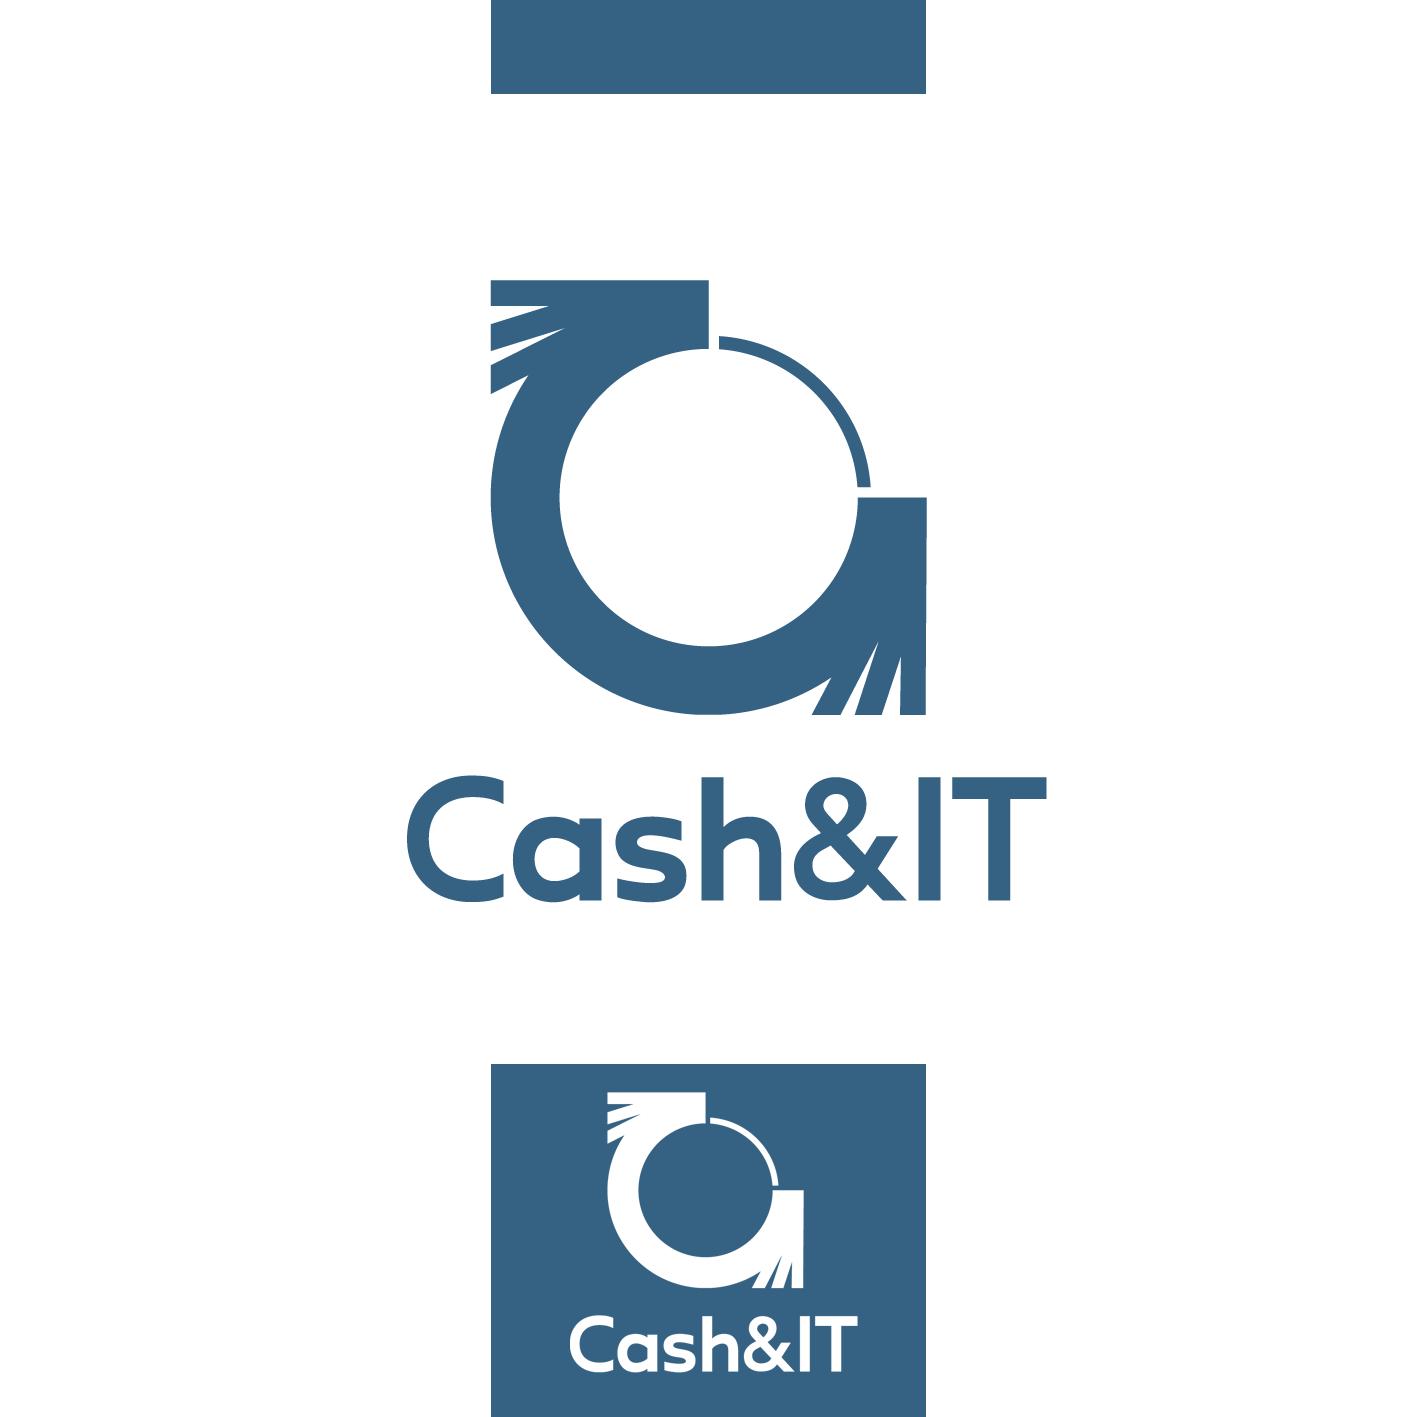 Логотип для Cash & IT - сервис доставки денег фото f_6335fd8a59837d11.png